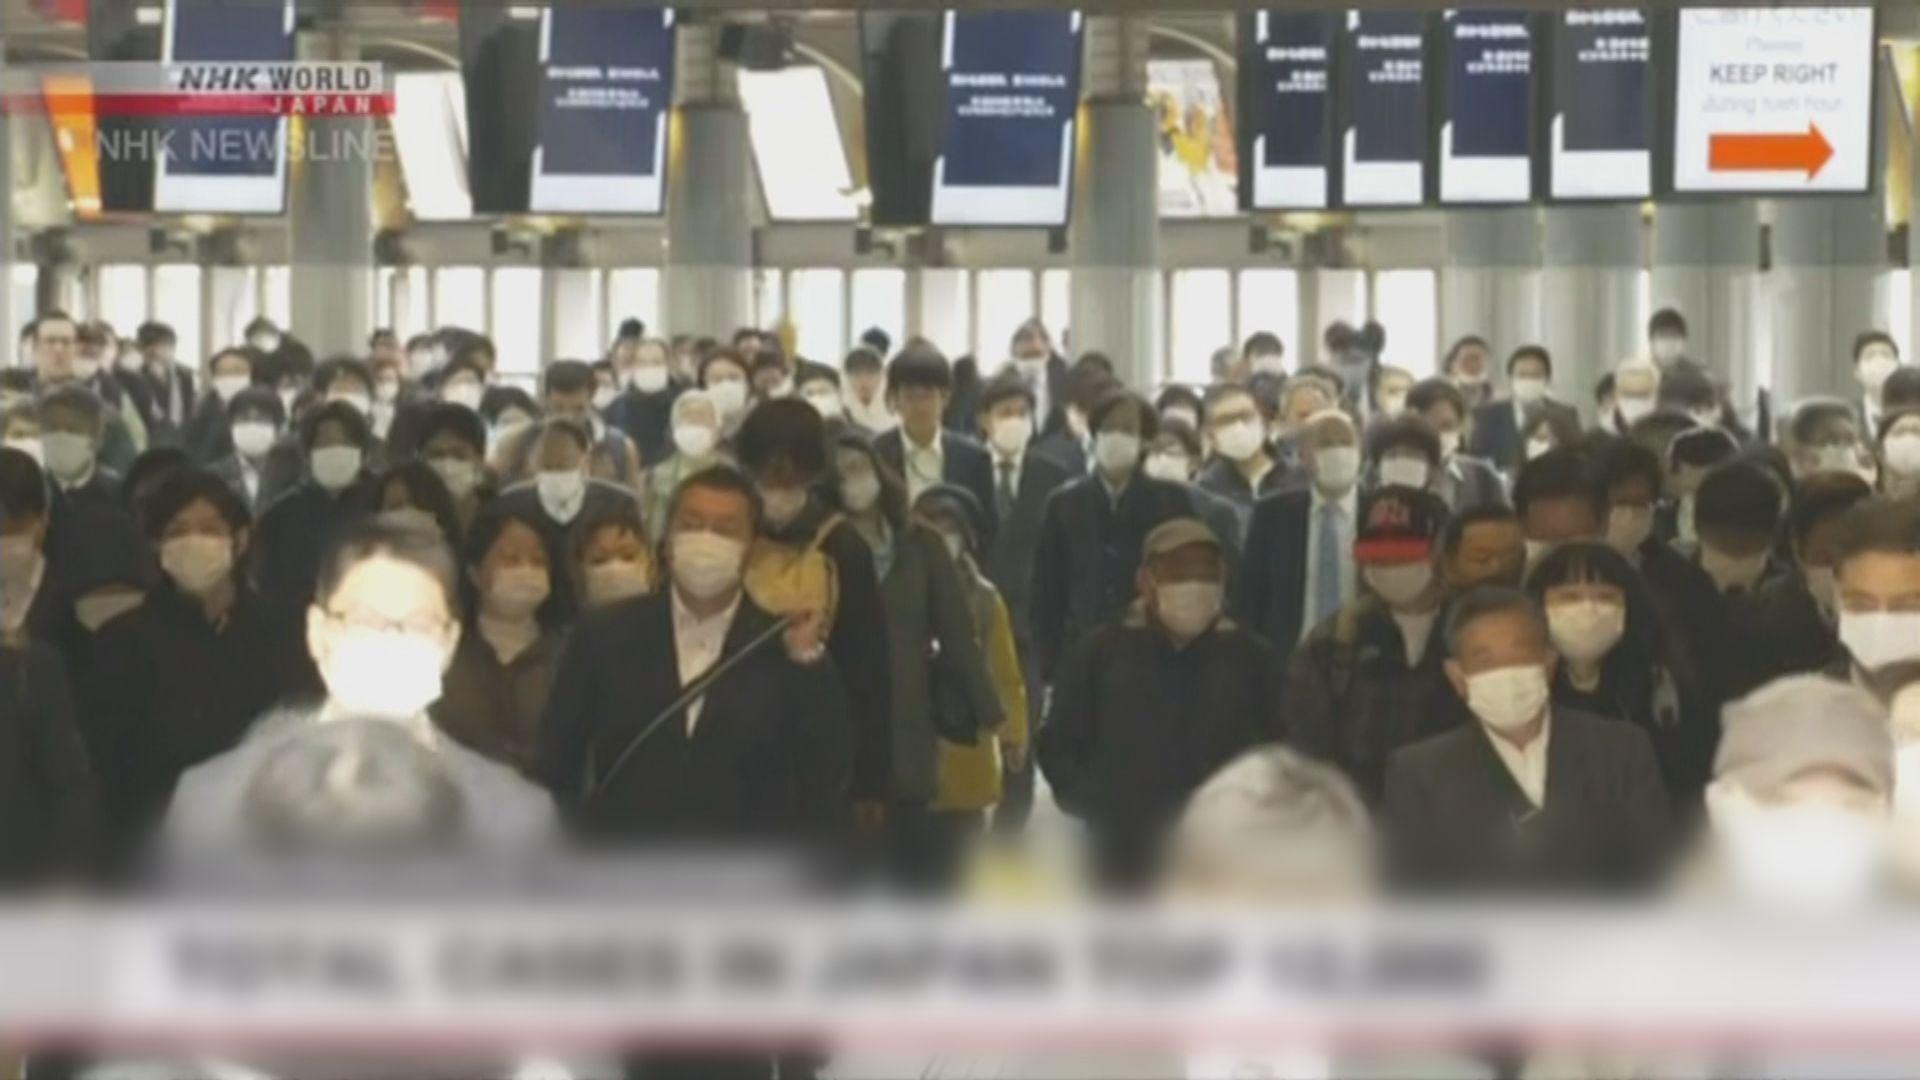 日本至今15人家中死亡或路上倒斃 其後檢測呈陽性